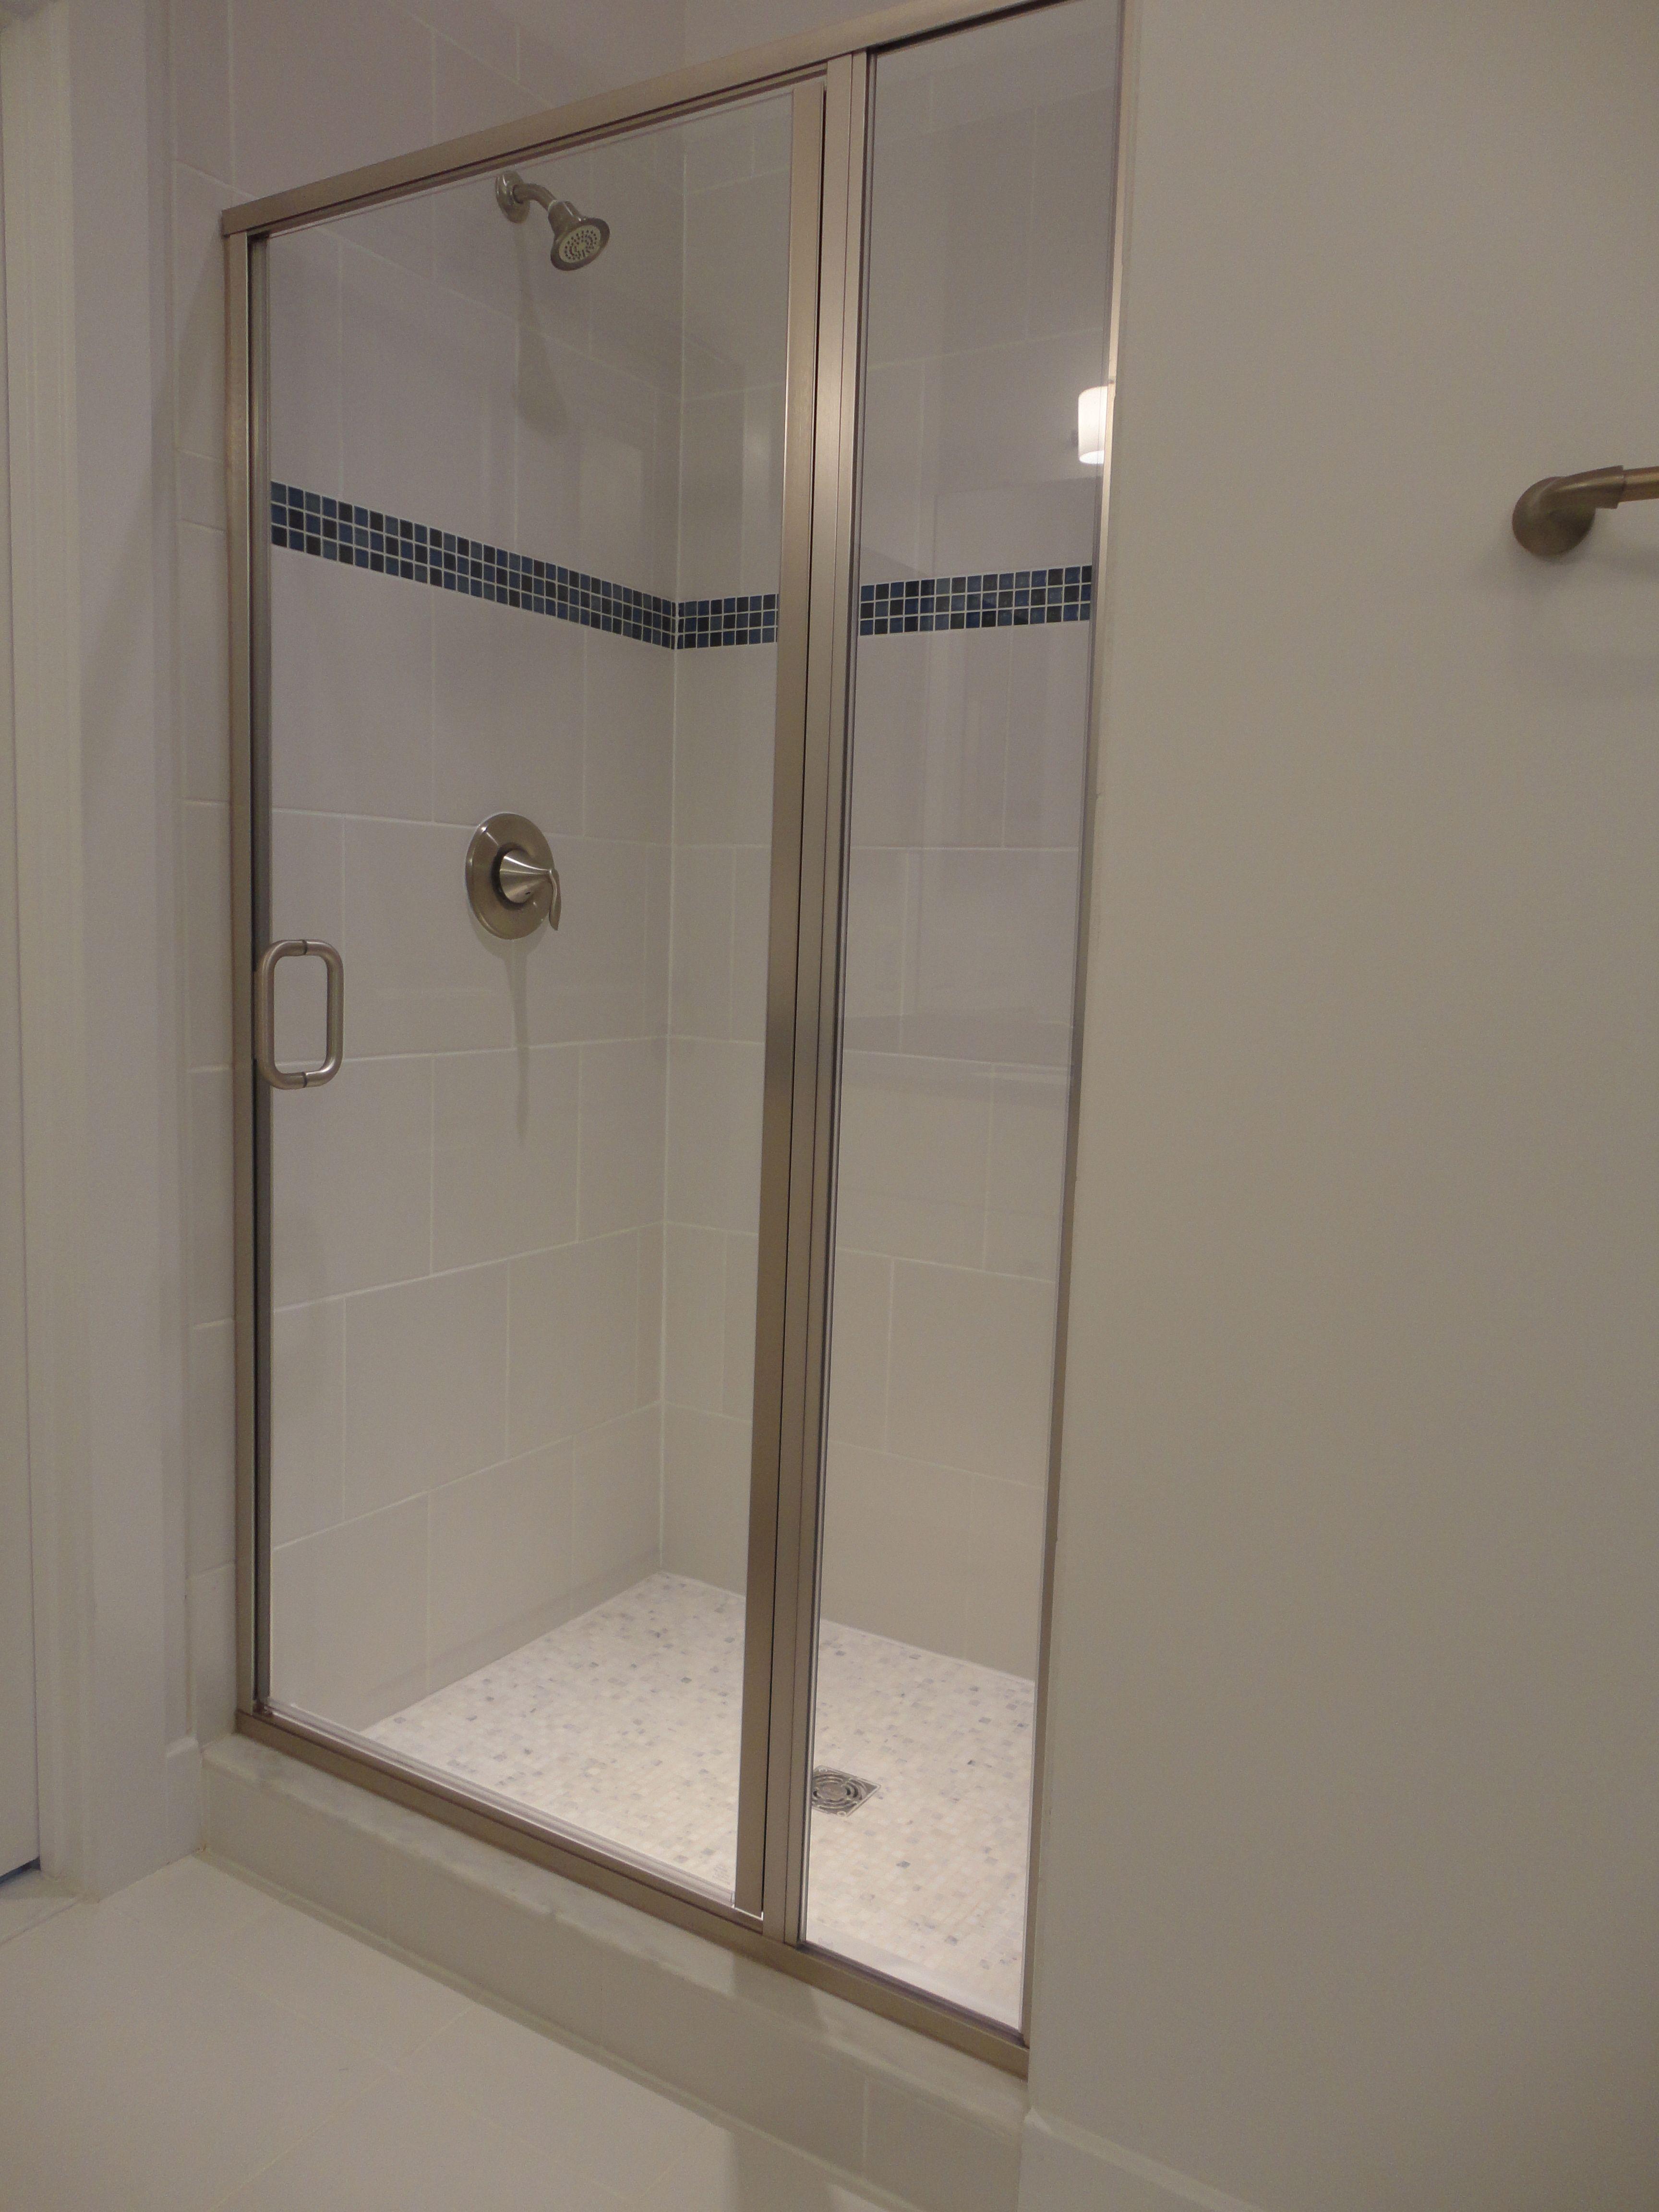 Semi frameless shower door- opening edges of glass on the door has ...